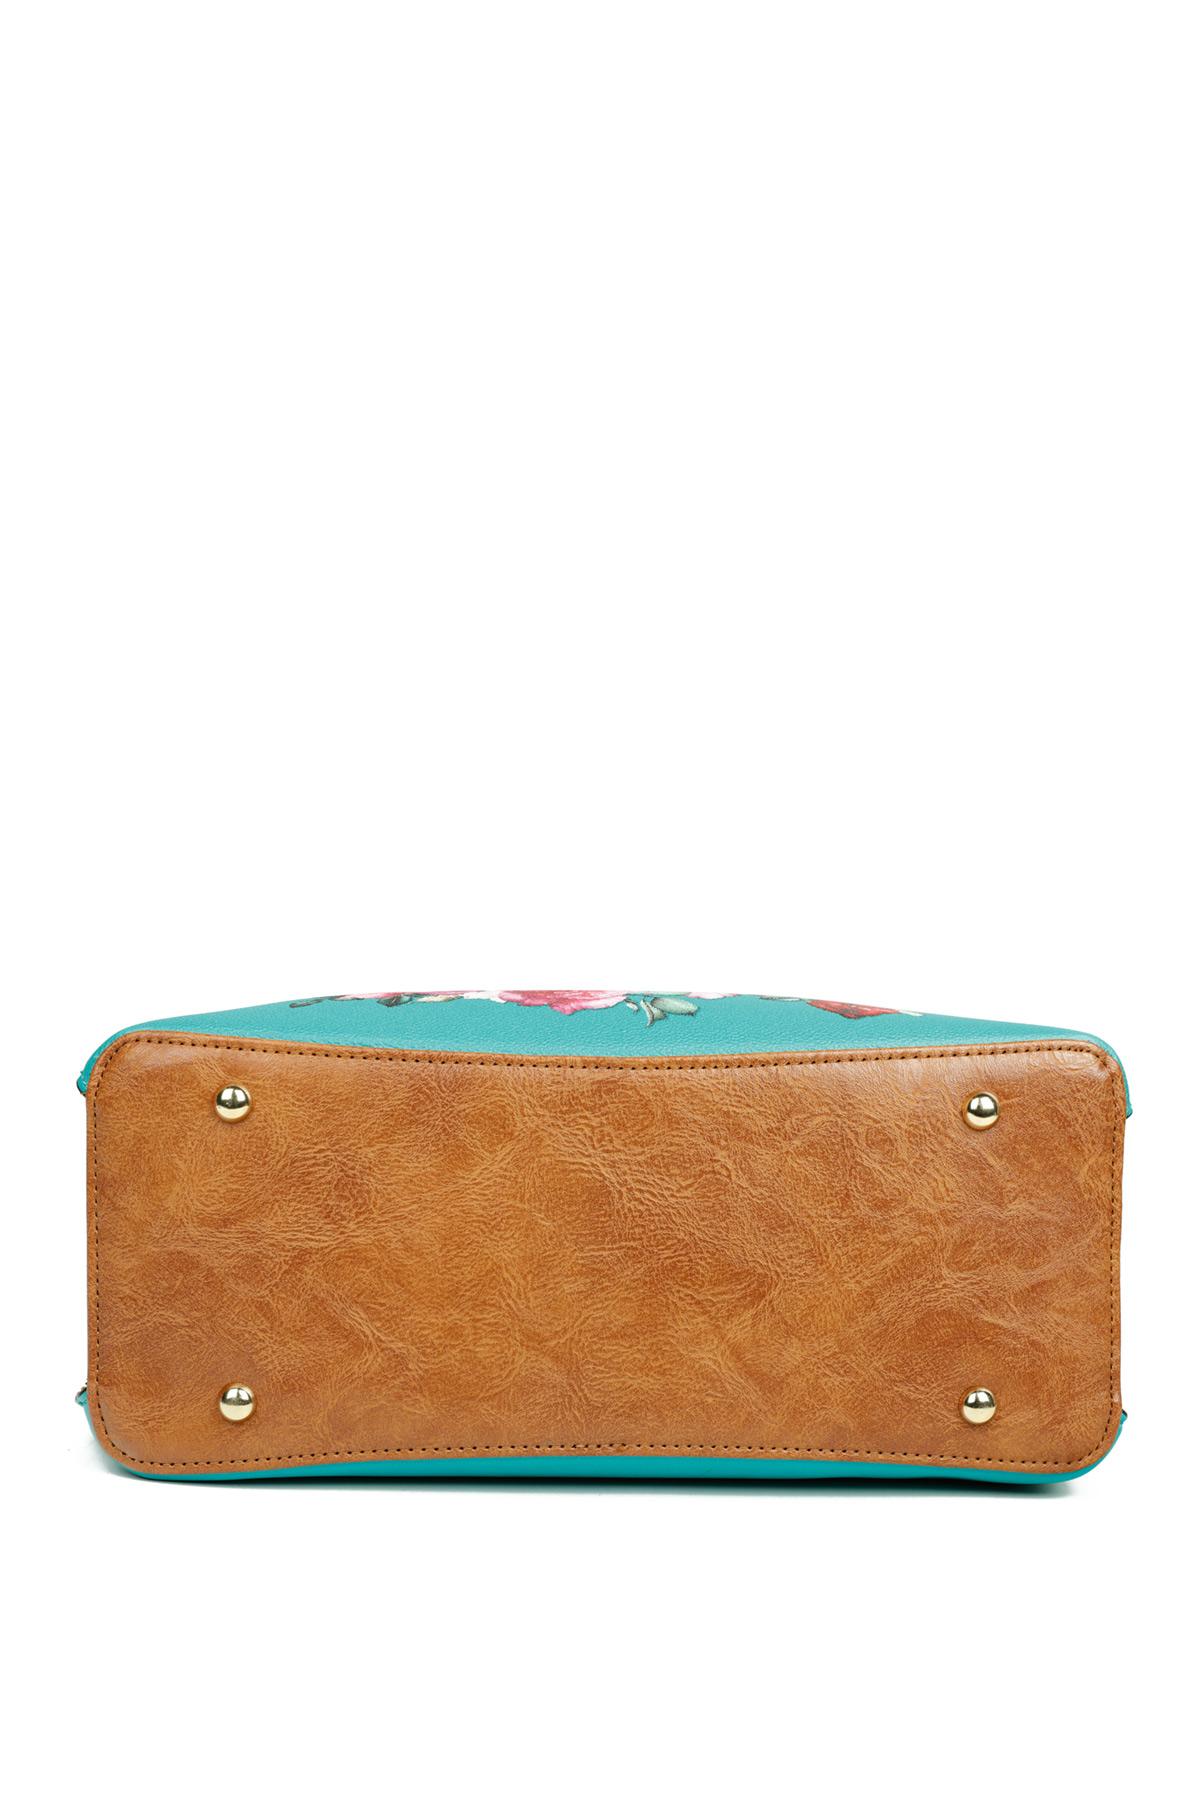 Ρετρό τσάντα σε βαθύ μπλε χρώμα, με φλοράλ σχέδιο και κοντό και μακρύ λουράκι για να την κρατήσετε από το πρωί μέχρι το βράδυ!